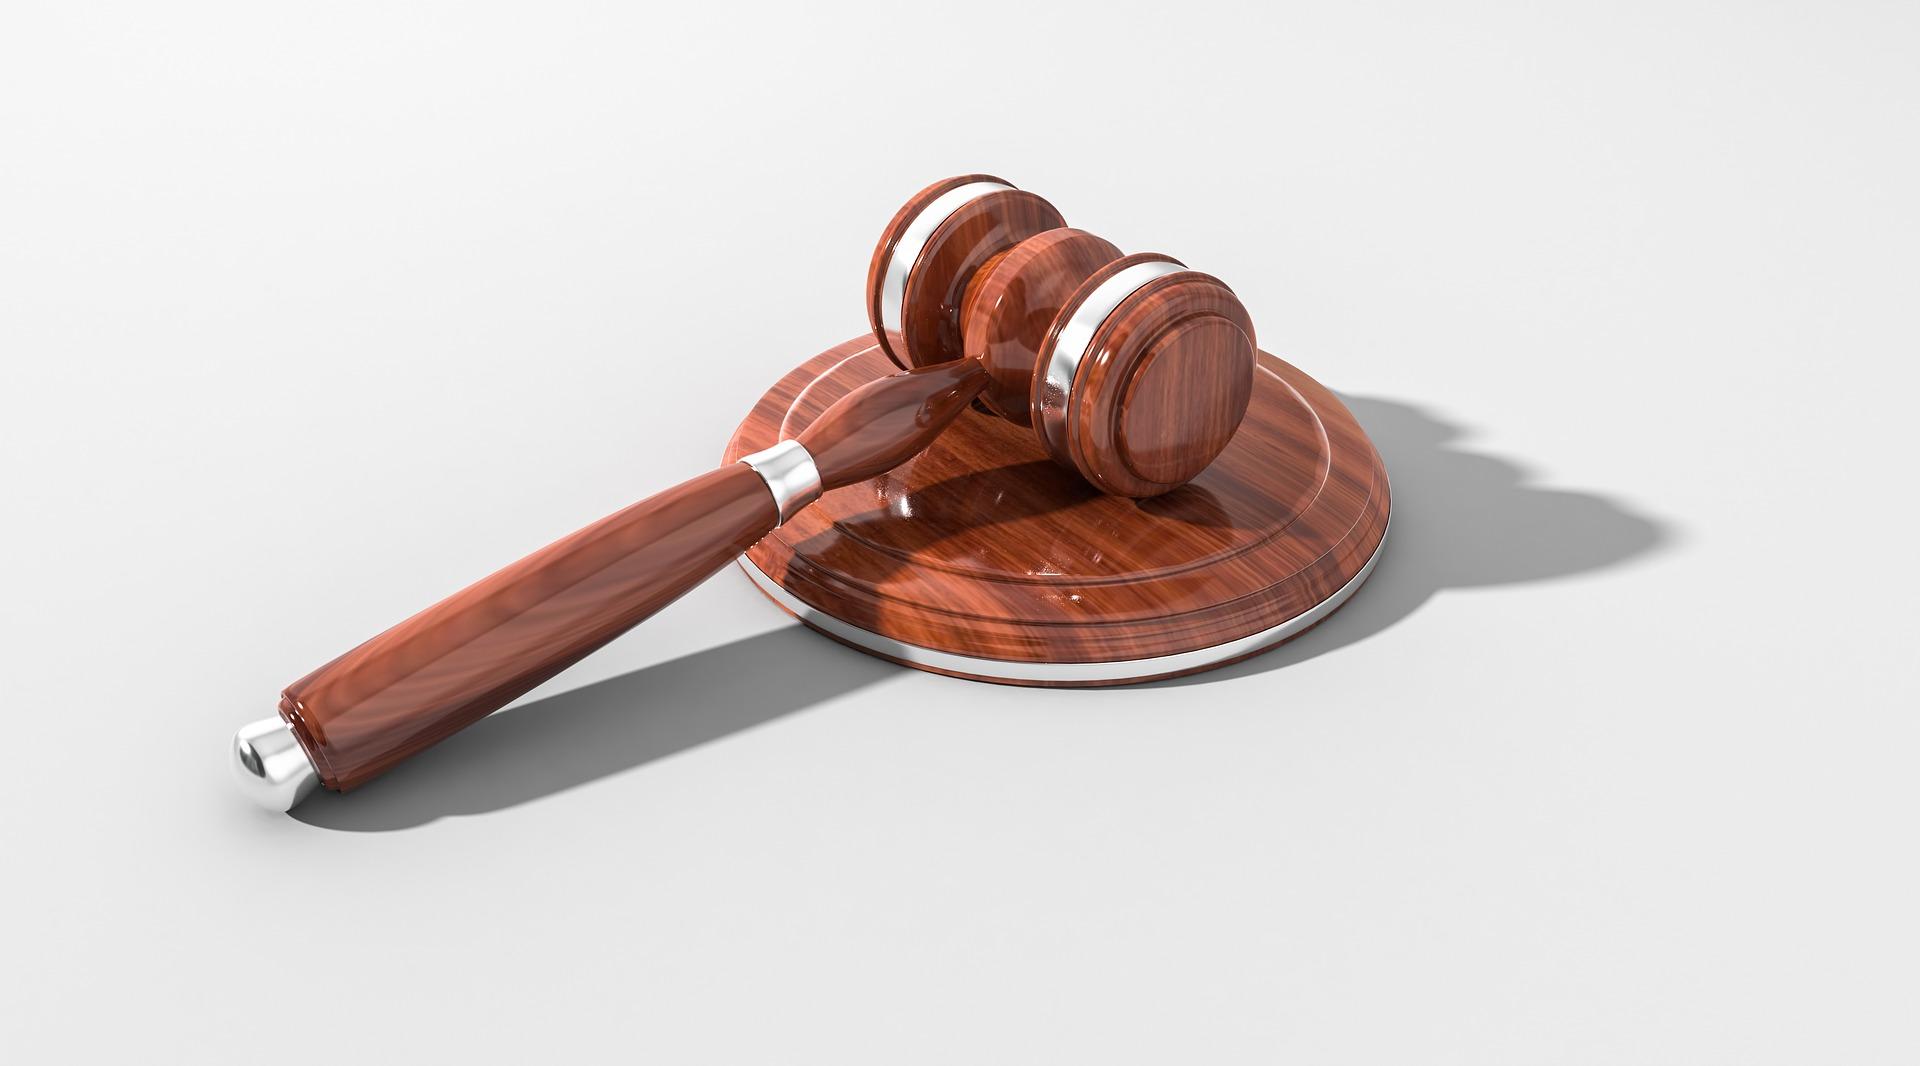 裁判離婚の流れとメリット・デメリット!和解離婚という判決もあります